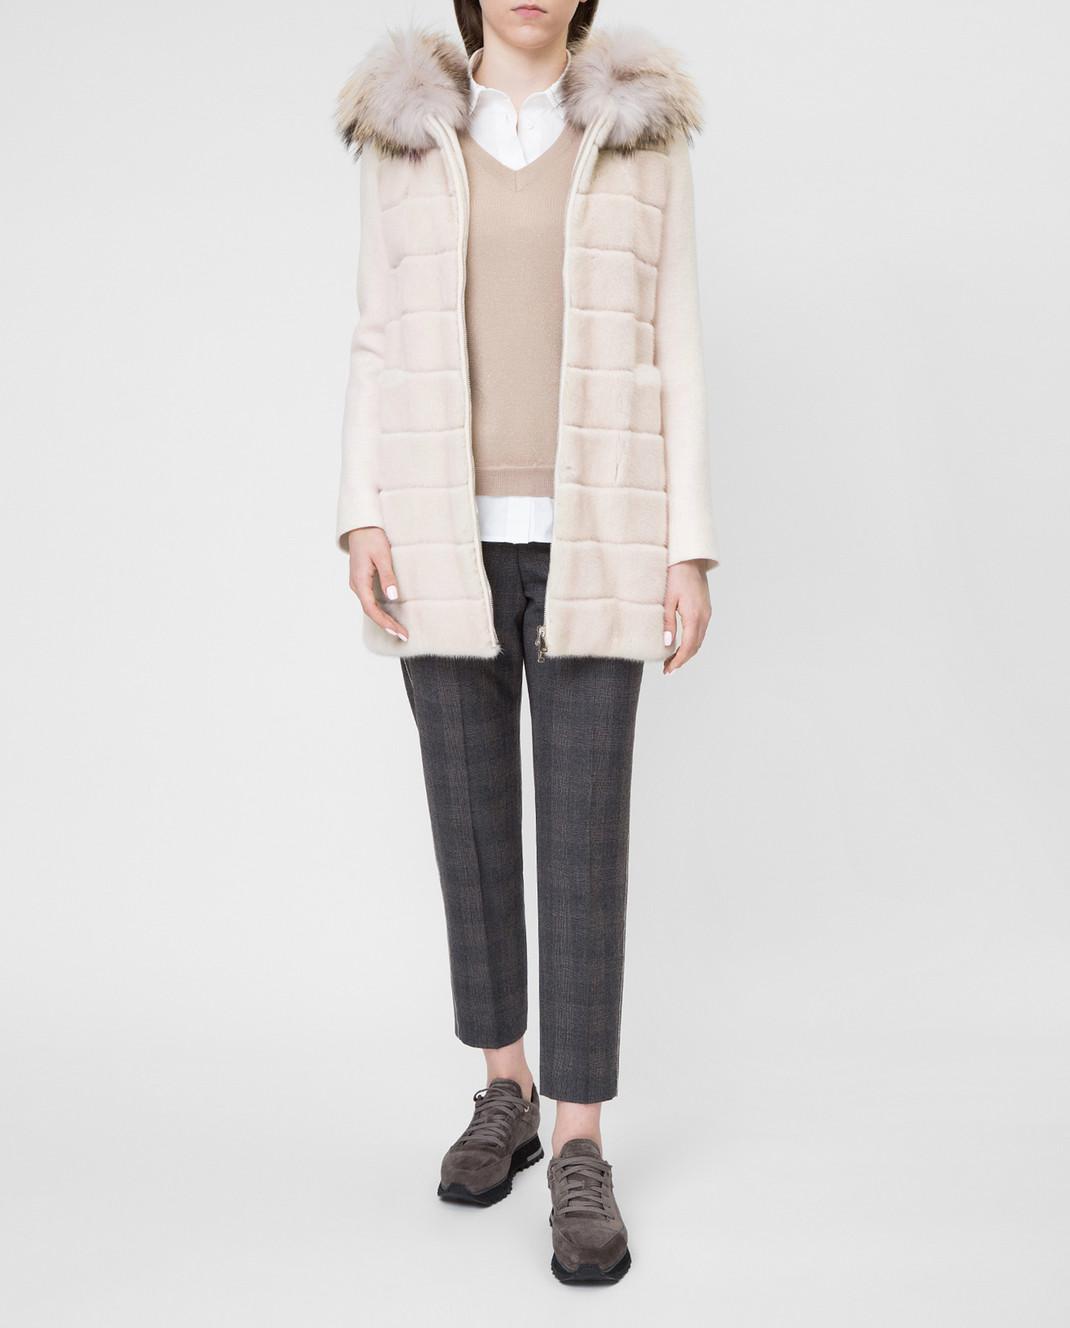 Real Furs House Светло-бежевое пальто с мехом енота 922RFH изображение 2